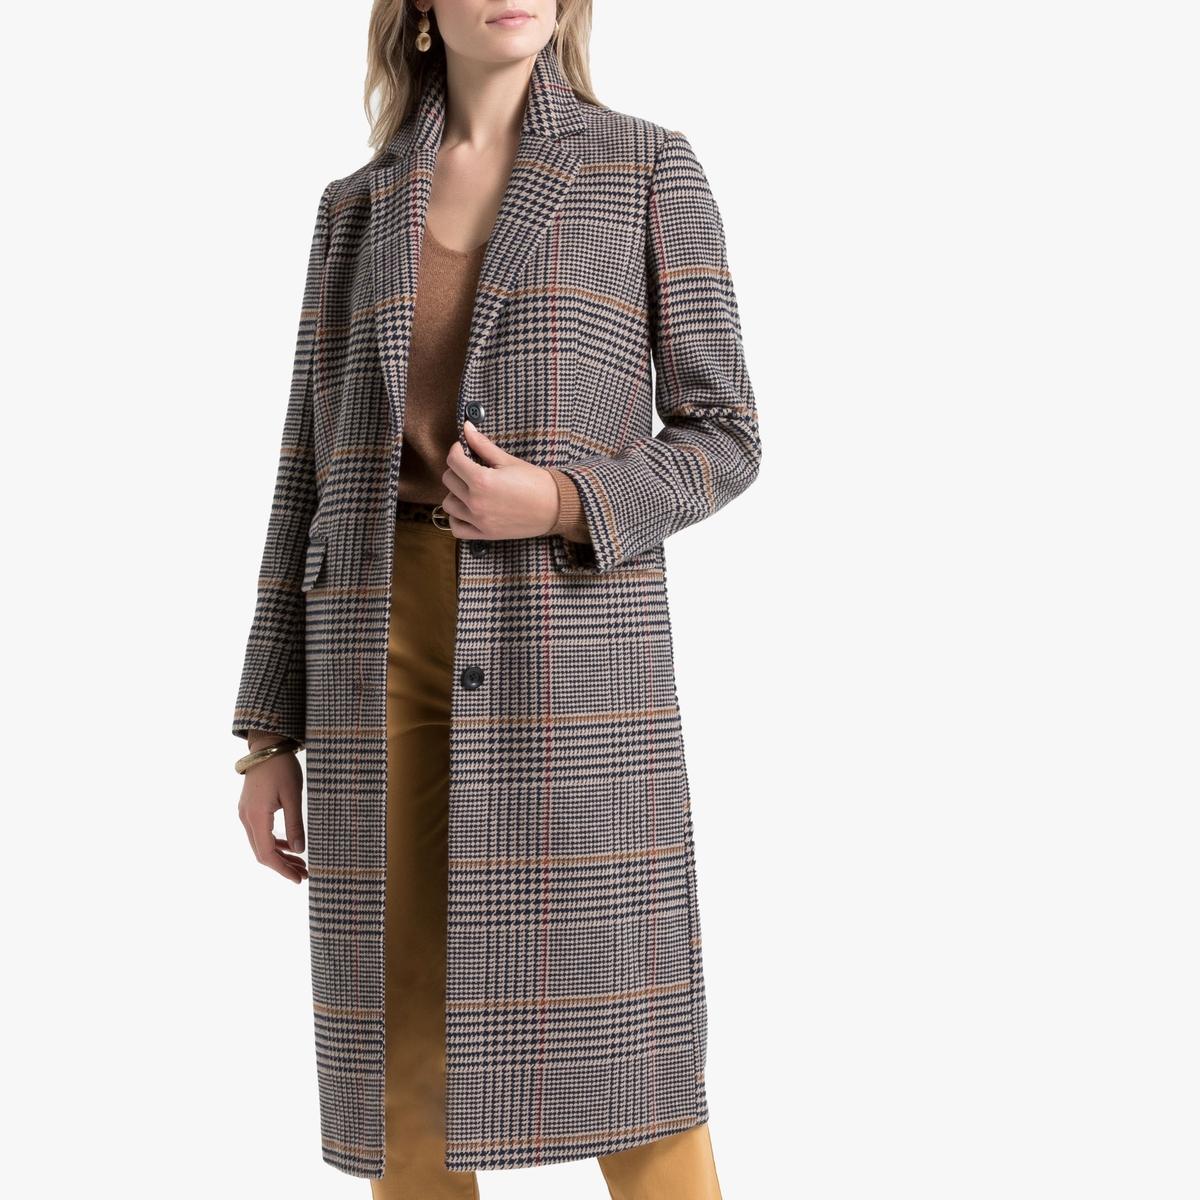 Пальто La Redoute Длинное в клетку с застежкой на пуговицы 54 (FR) - 60 (RUS) каштановый цена и фото